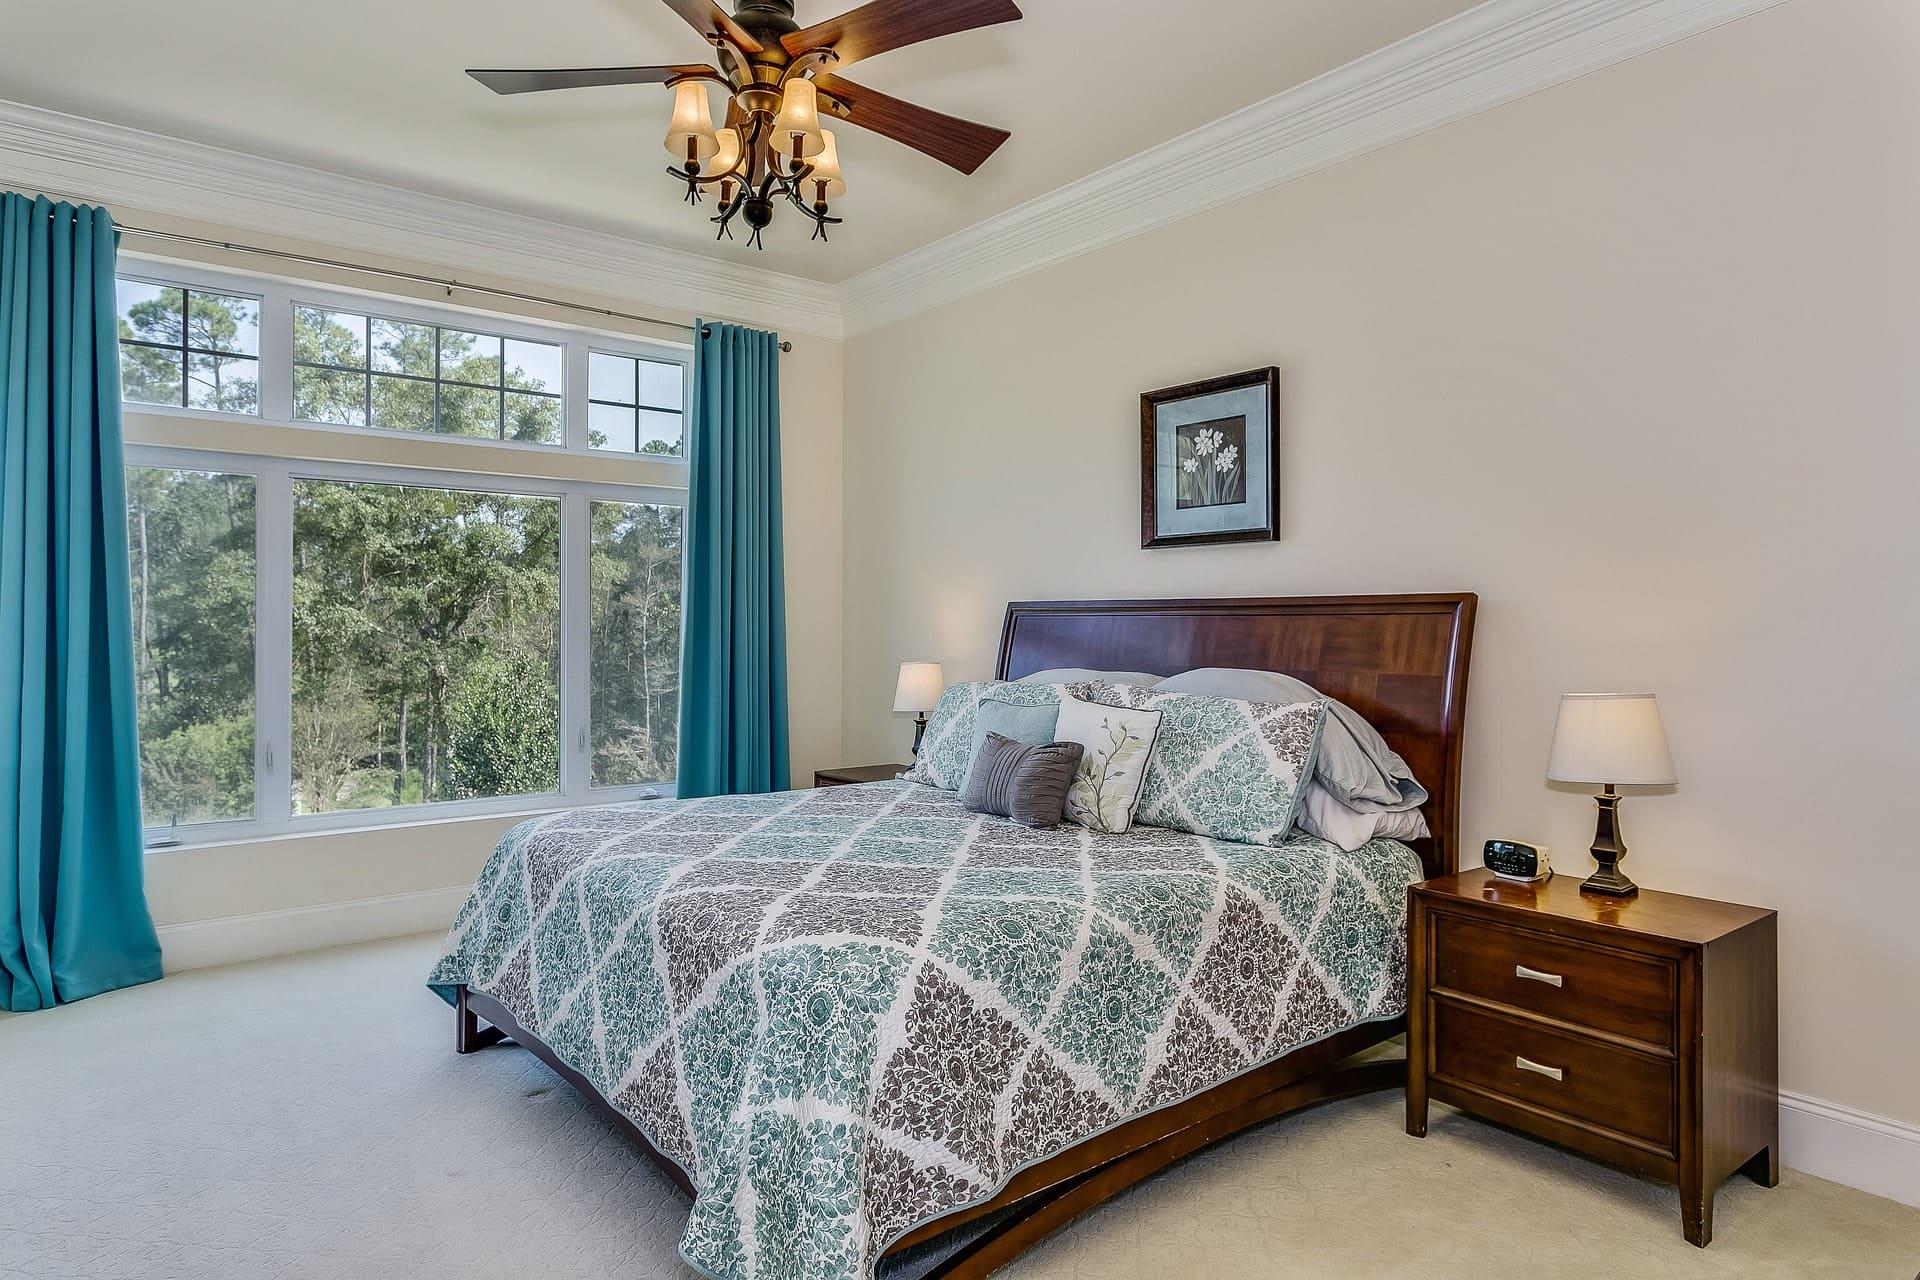 Avec quelle couleur de peinture peindre sa chambre à coucher ?